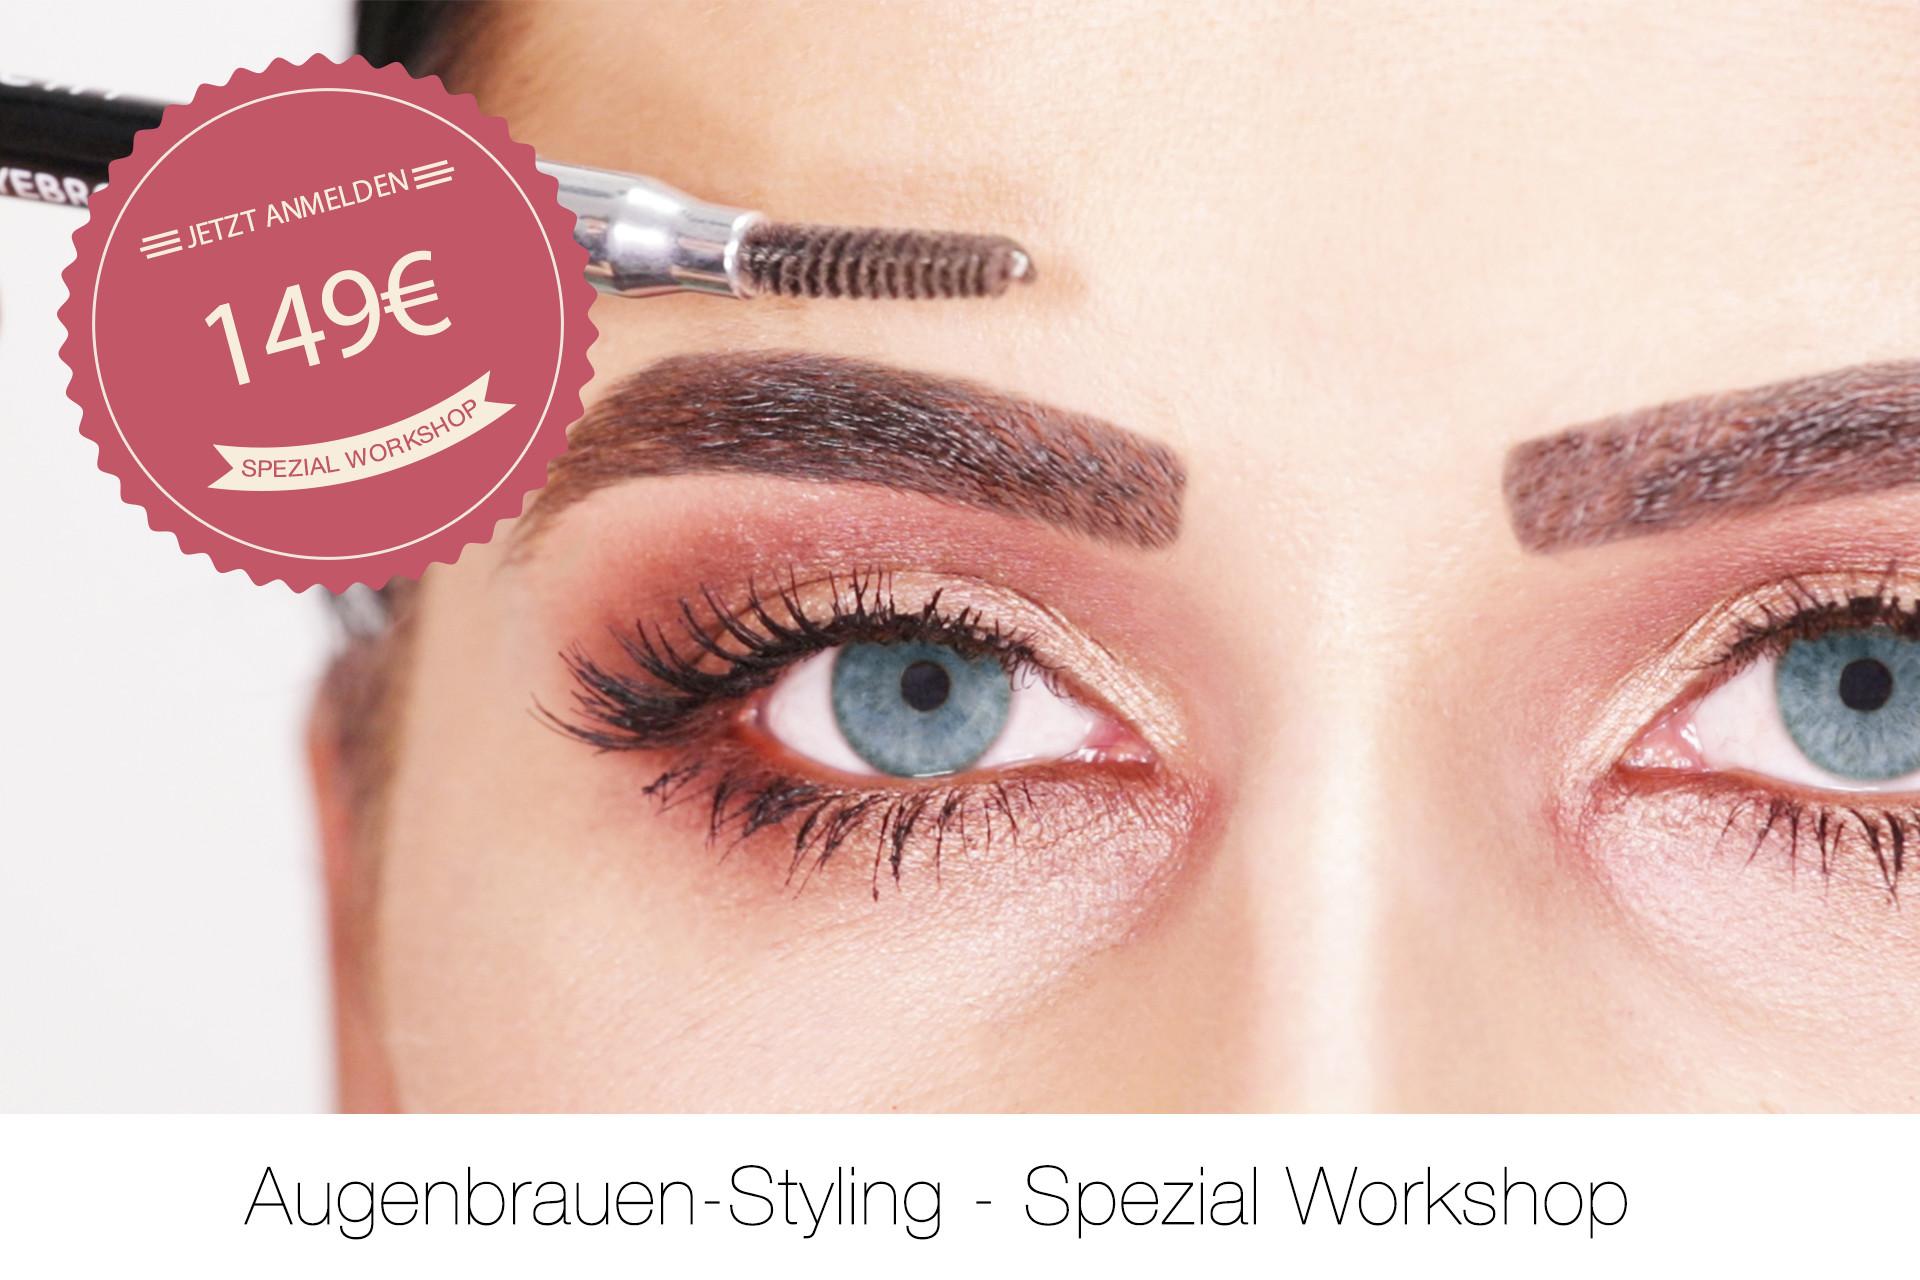 Augenbrauen Spezial Workshop